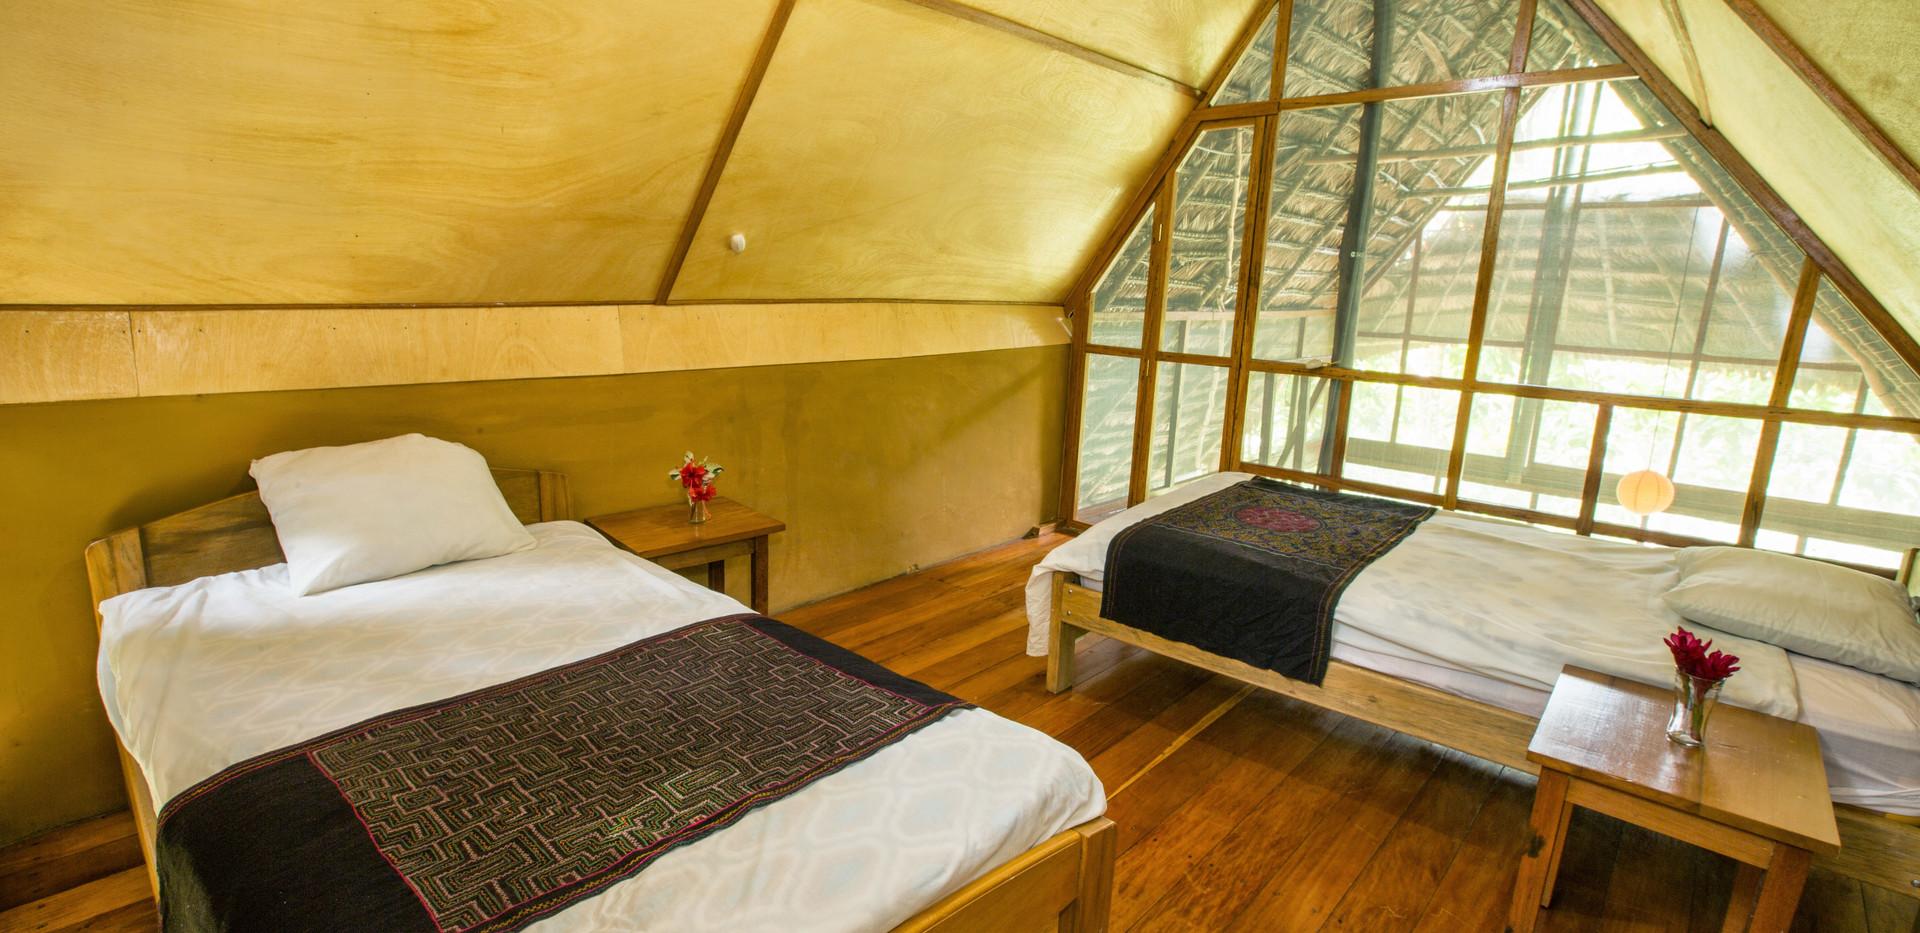 shimiyacu bungalow familiar habitacion m